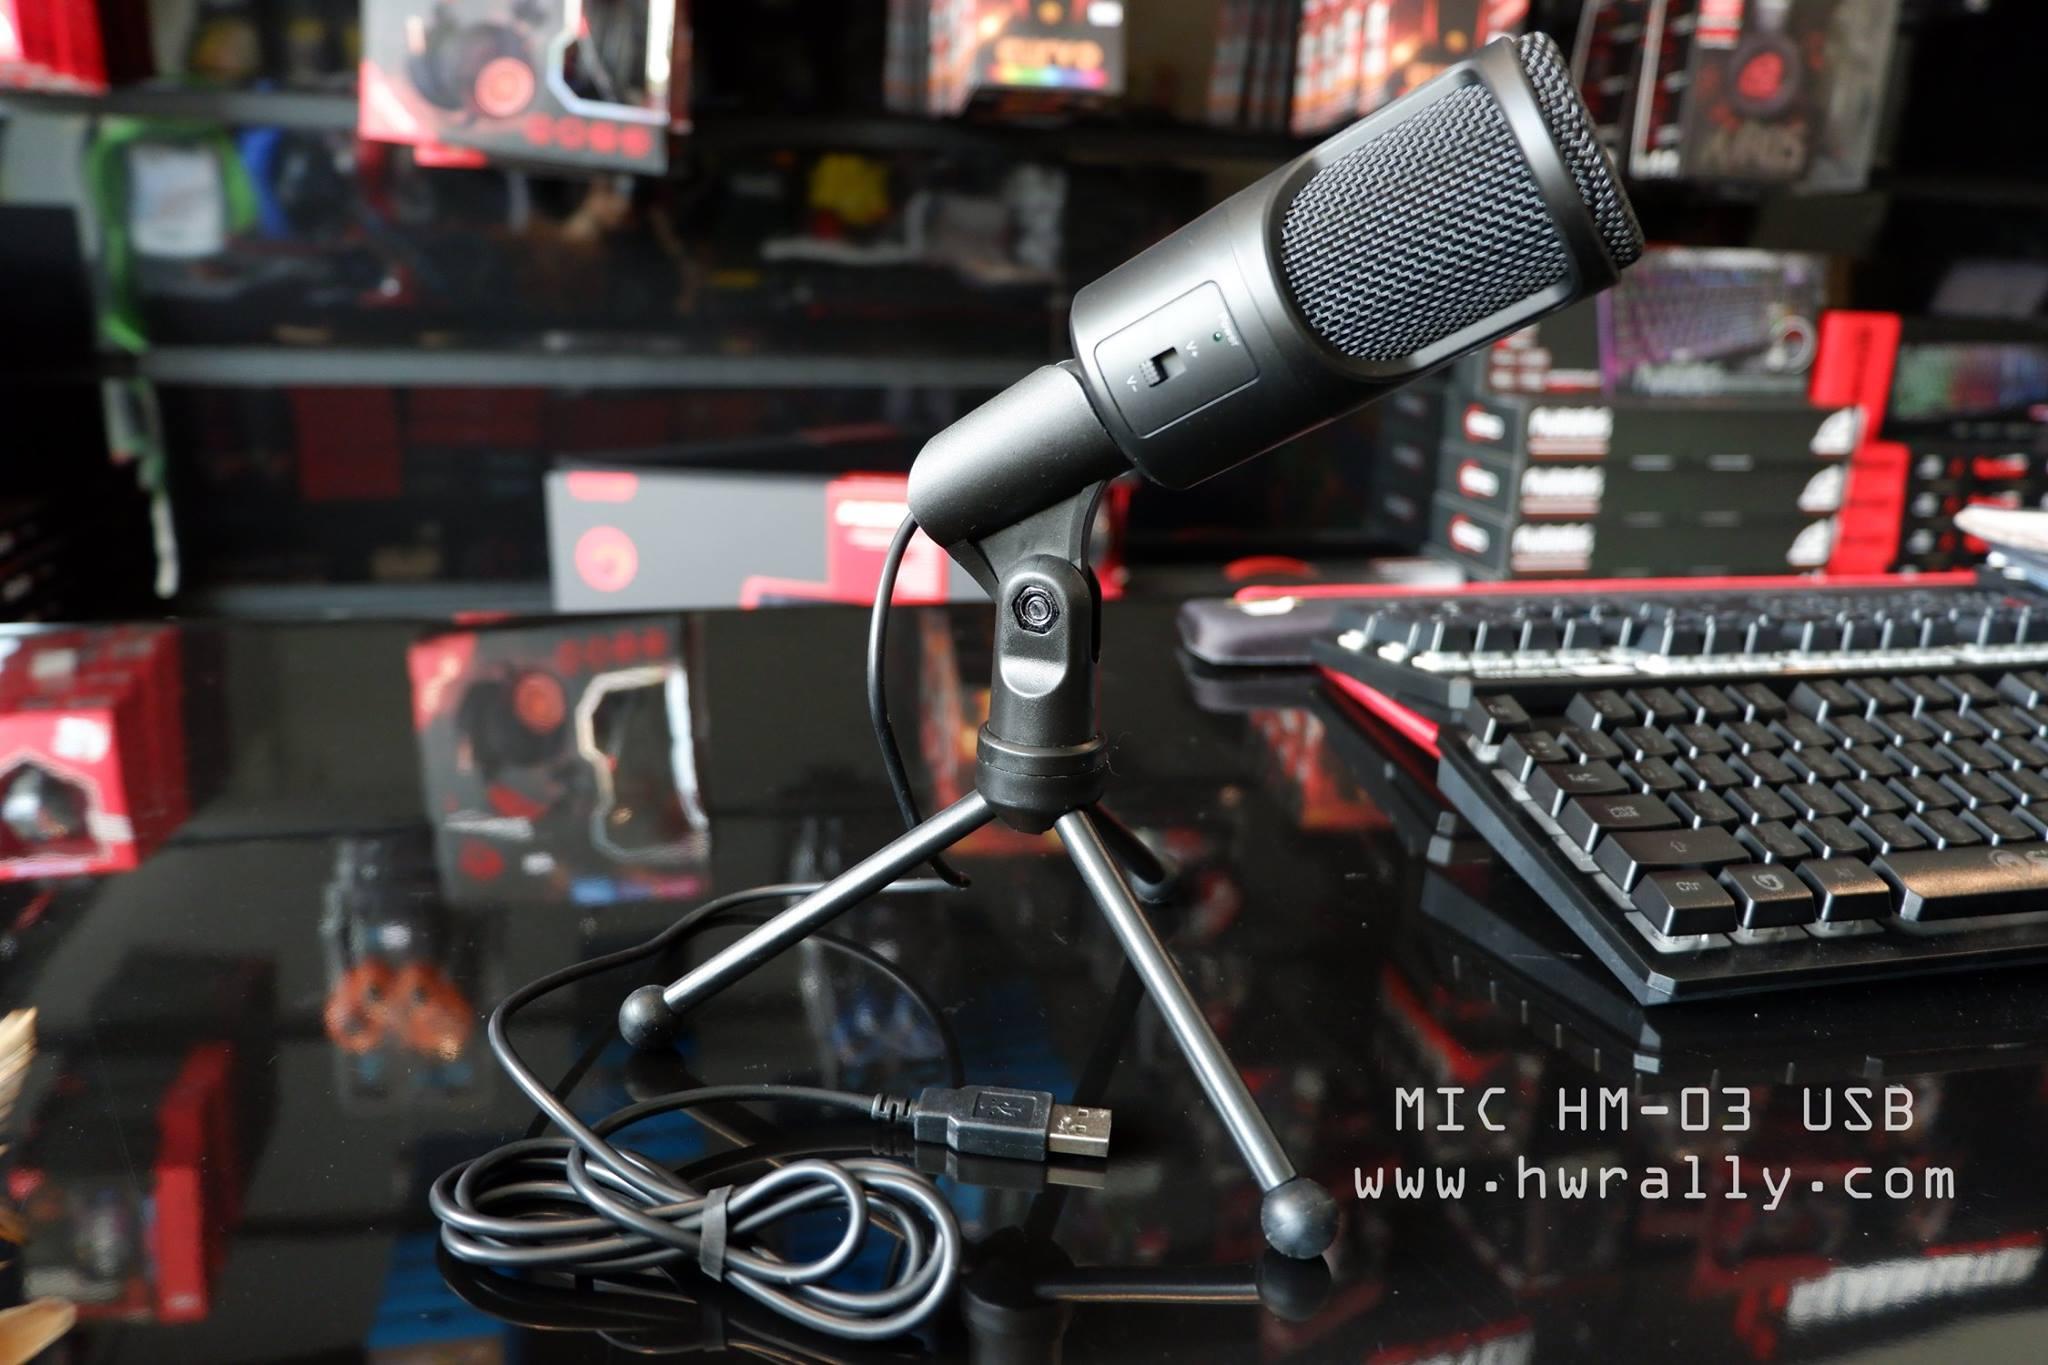 ไมค์โครโฟน ตั้งโต๊ะ หัวเสียบ USB รุ่น HM-03 USB